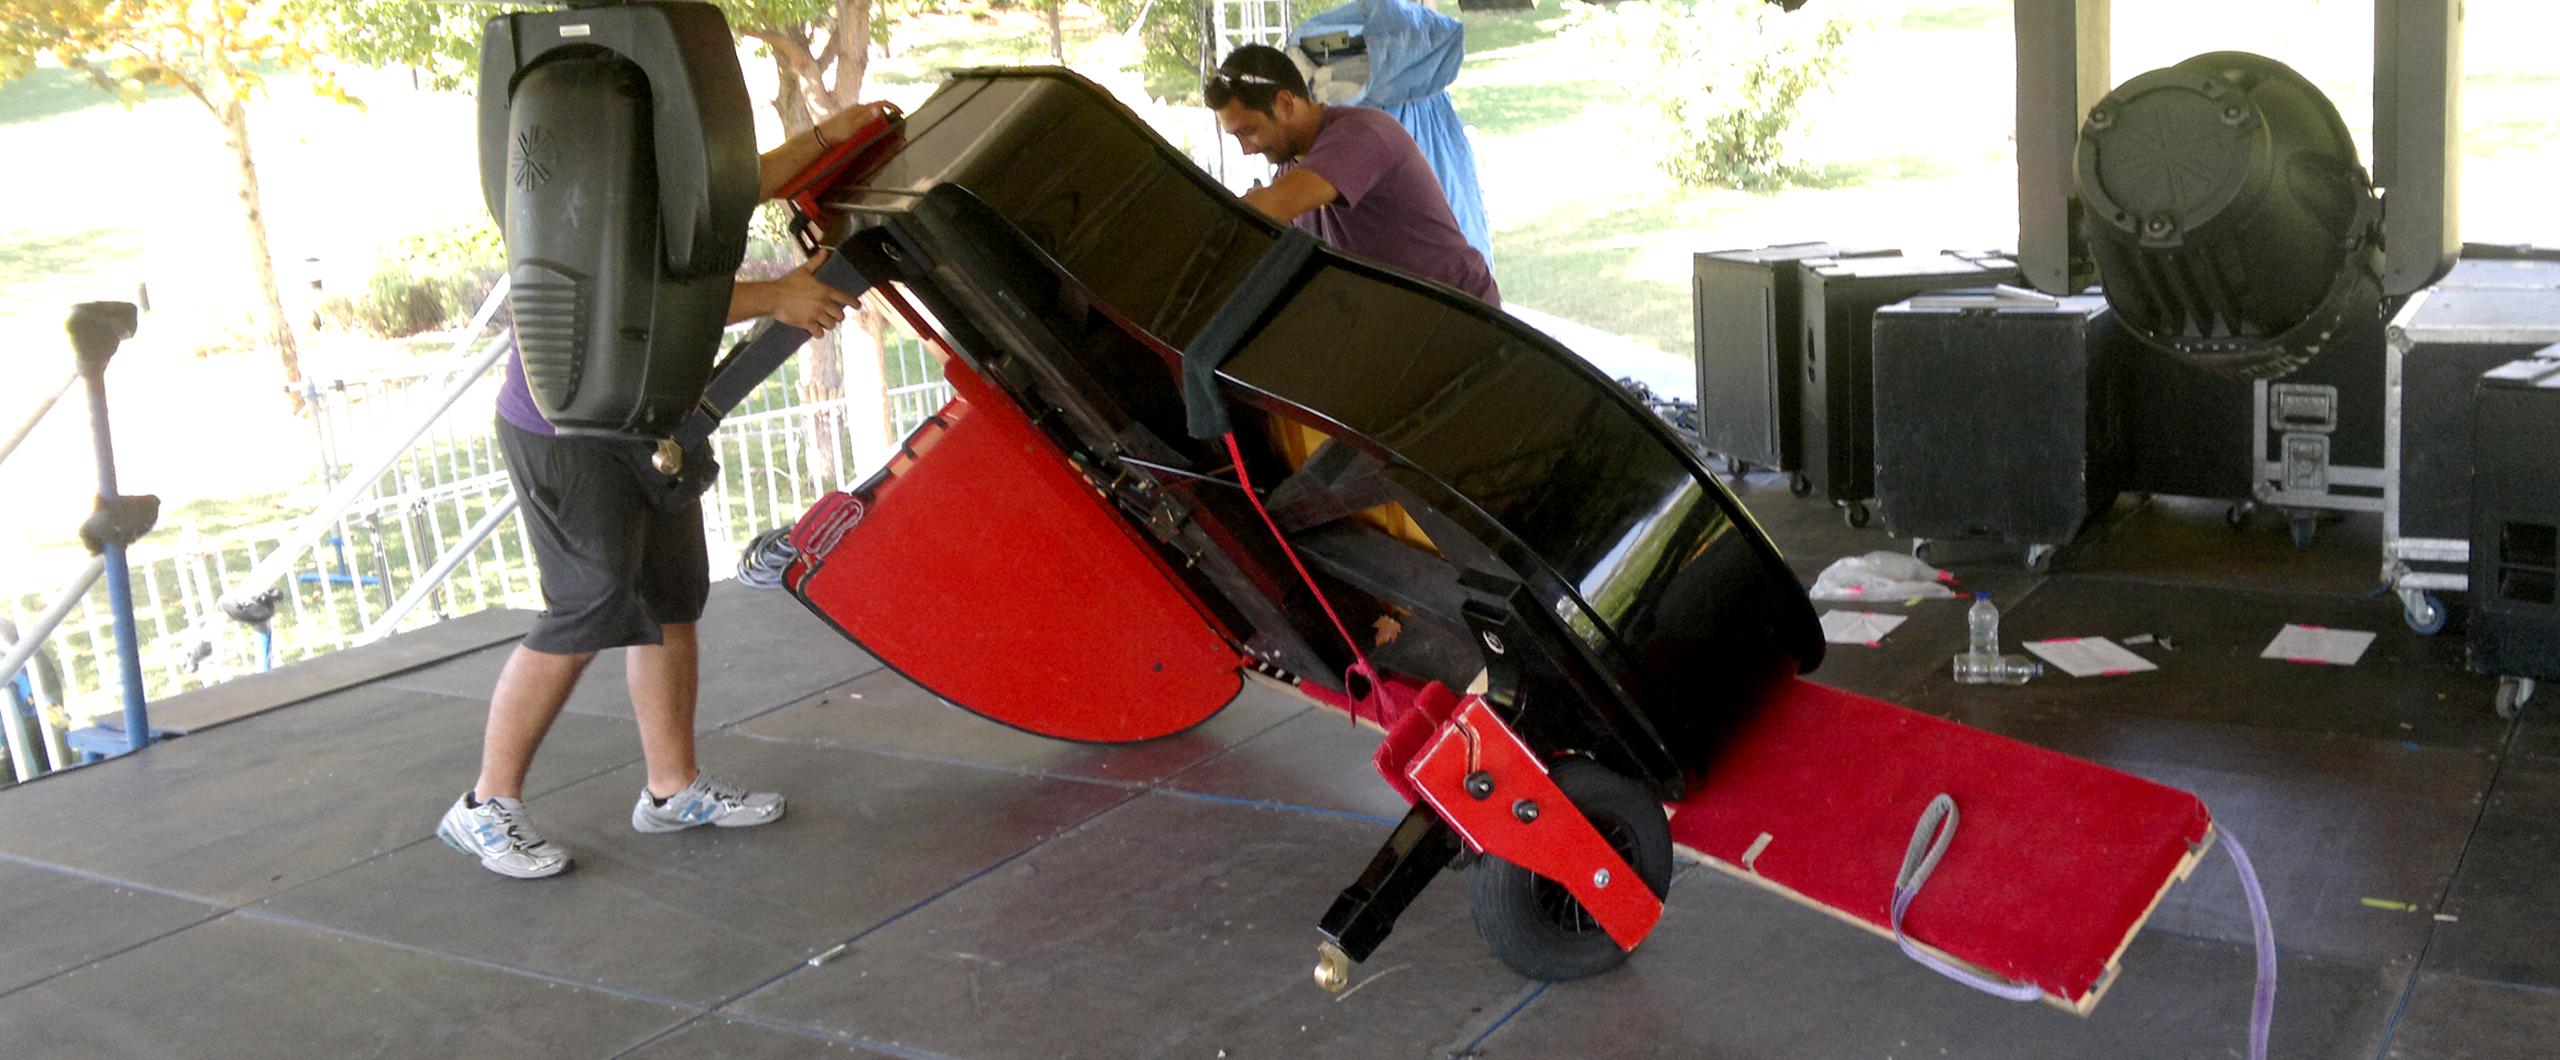 Τεχνικοί συσκευάζουν πιάνο για μεταφορά